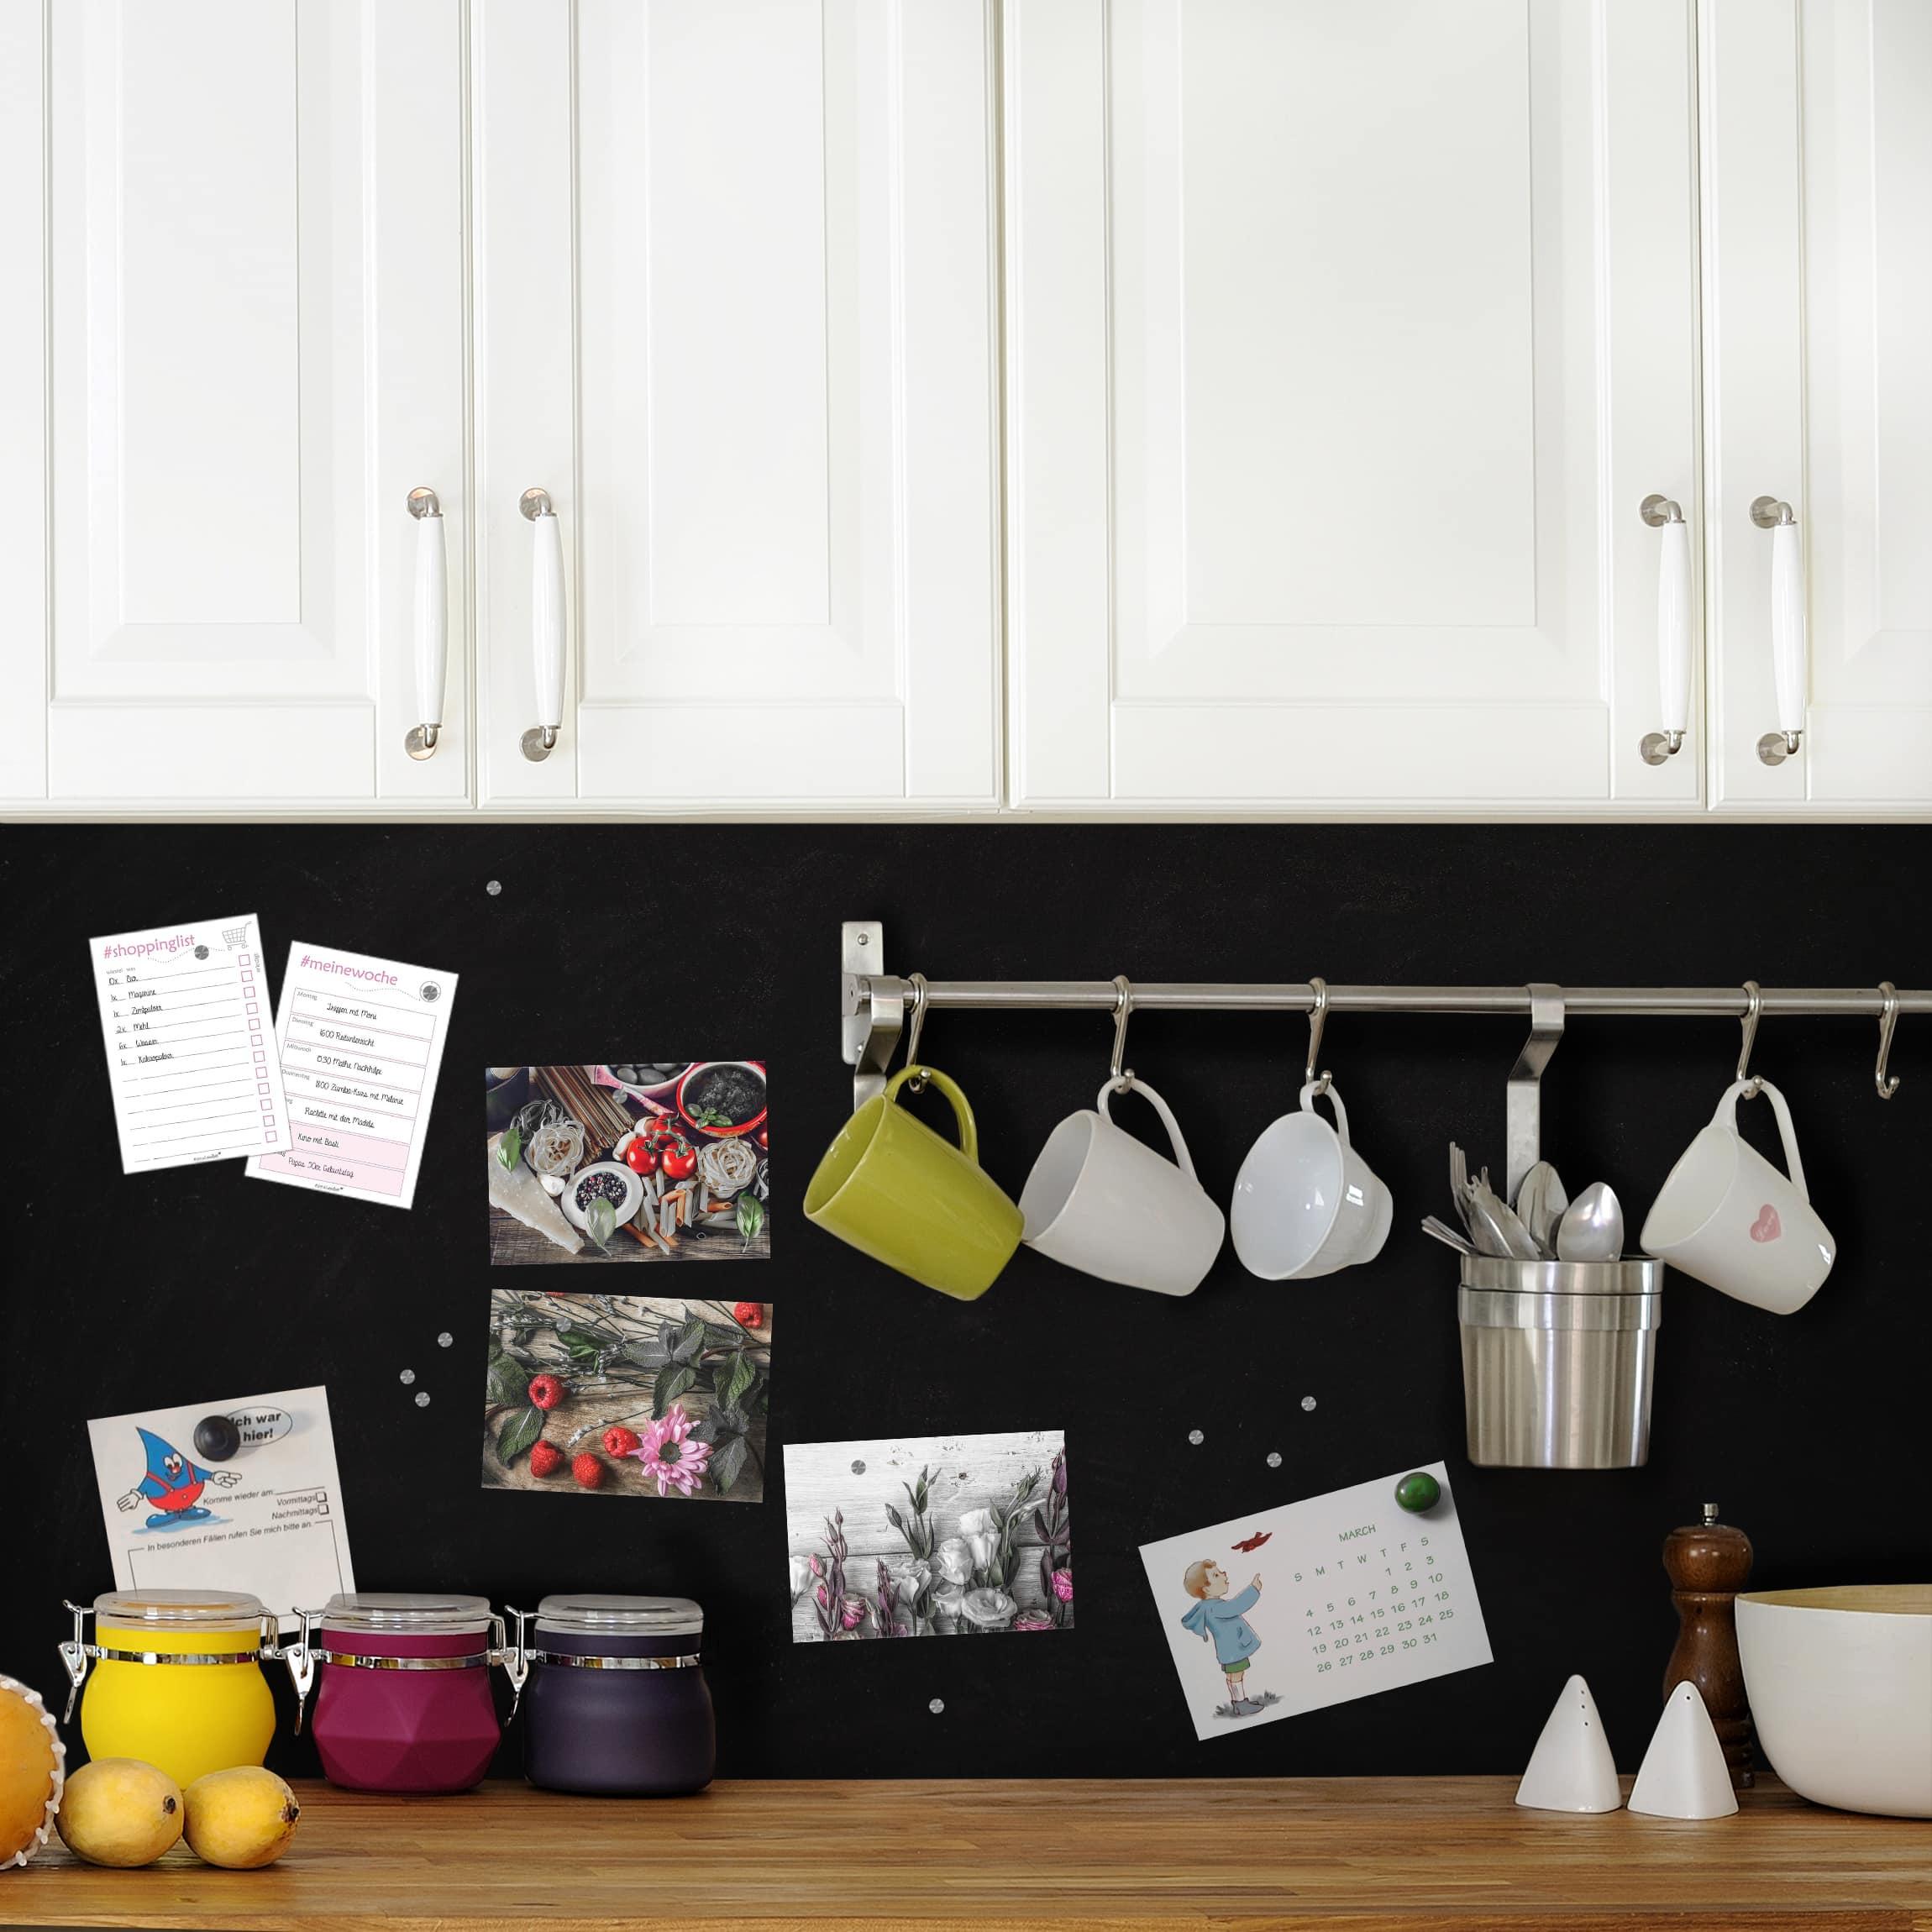 Full Size of Magnetfolie Memoboard Selbstklebend Kche Küche Wandpaneel Glas Billige Einbau Mülleimer Freistehende Ikea Miniküche Fototapete Obi Einbauküche Abfalleimer Wohnzimmer Magnetwand Küche